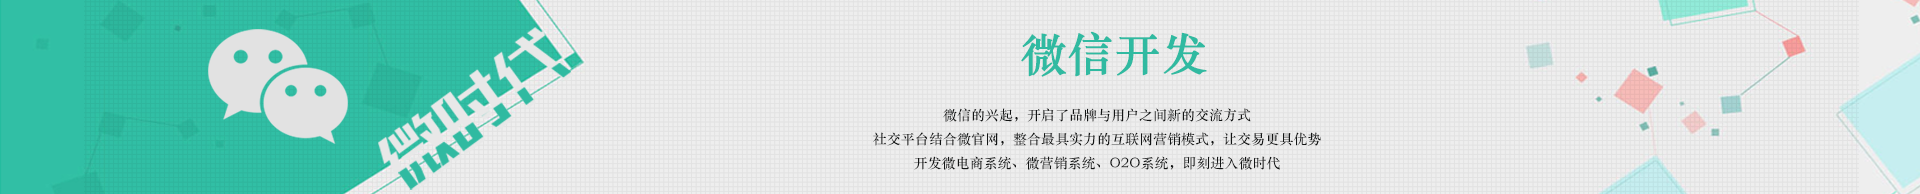 微信订制开发